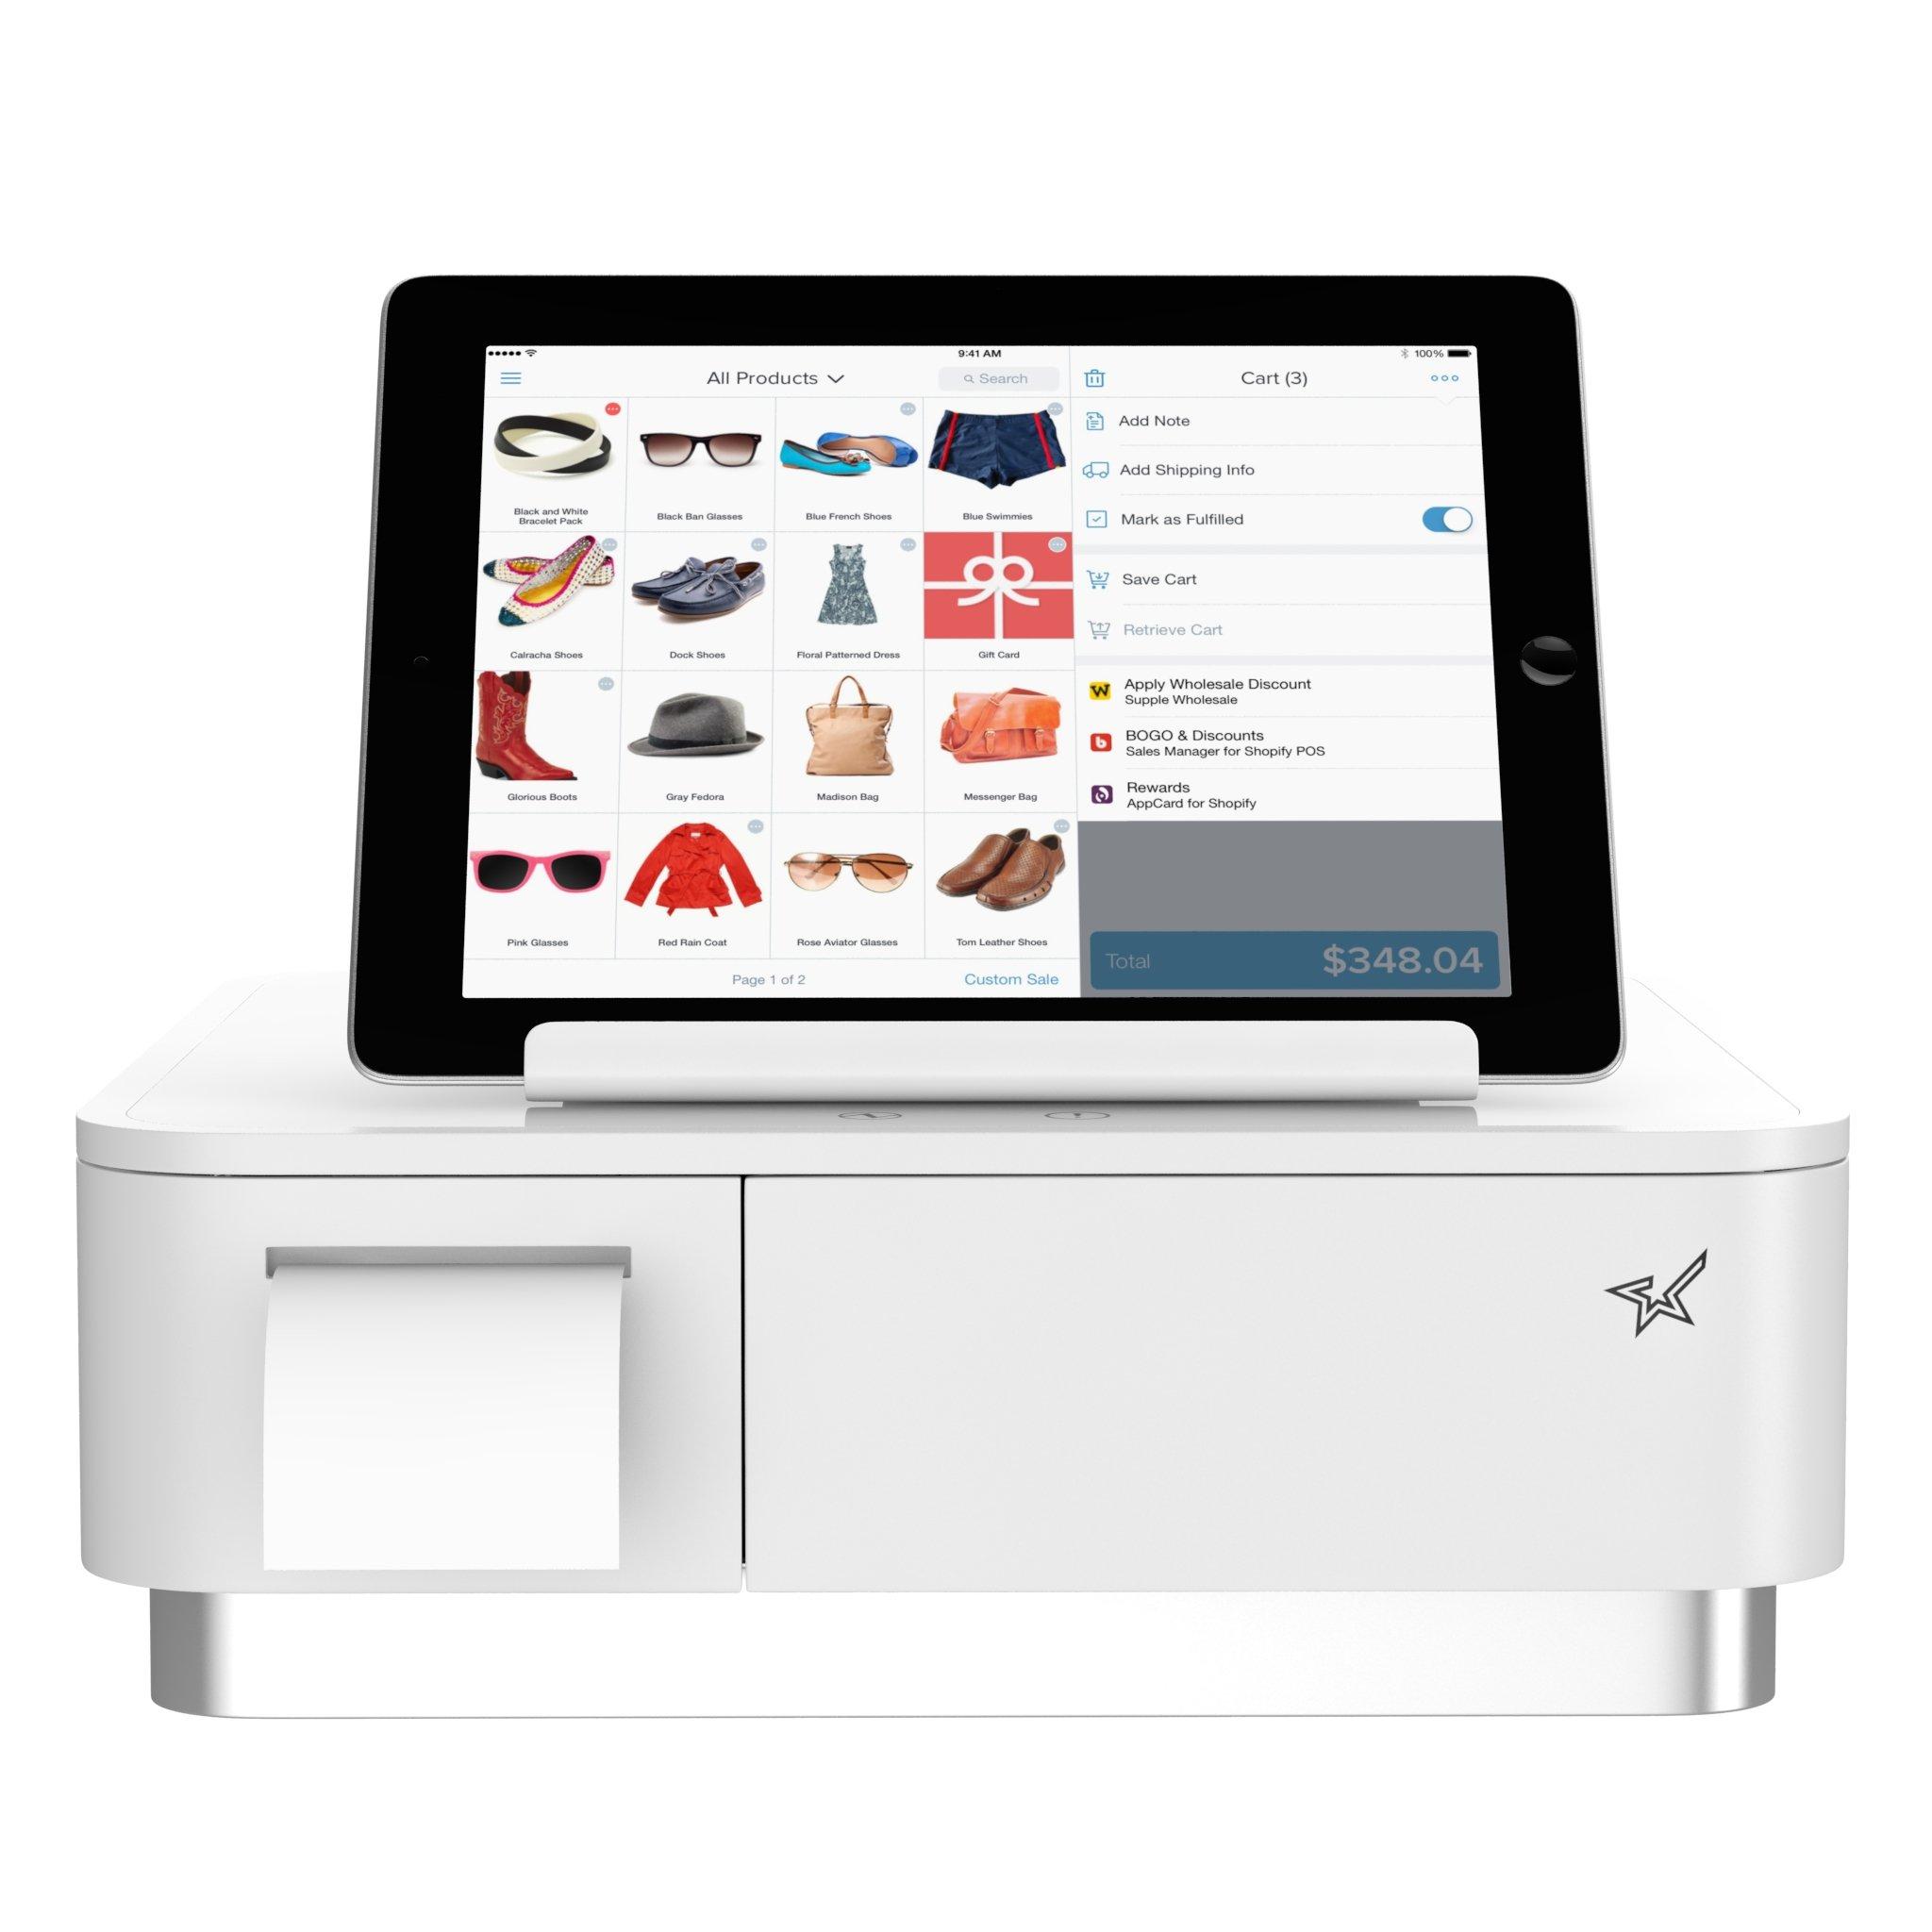 scanner drawer cash intermec seller us recomended apg